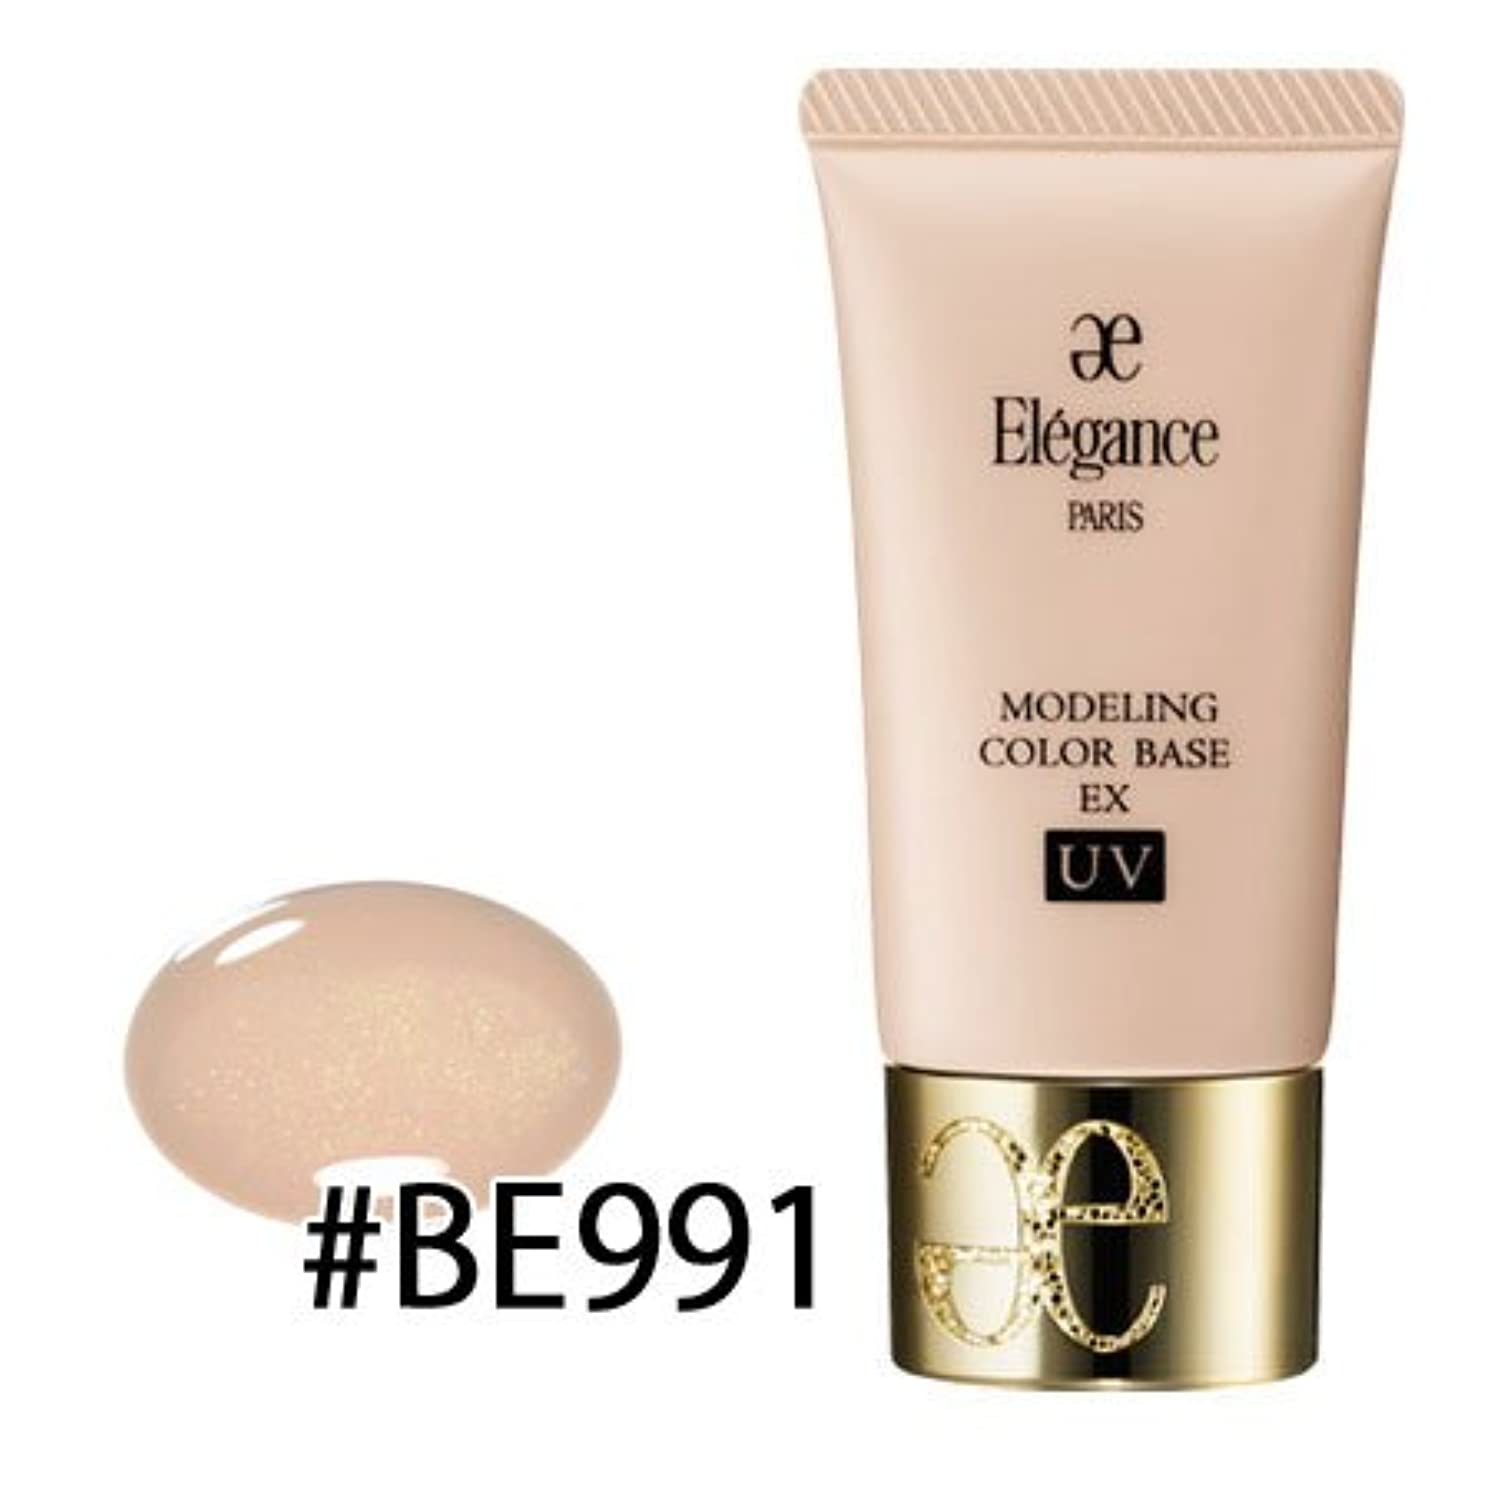 露骨な騒乱学校エレガンス モデリング カラーベース EX UV #BE991